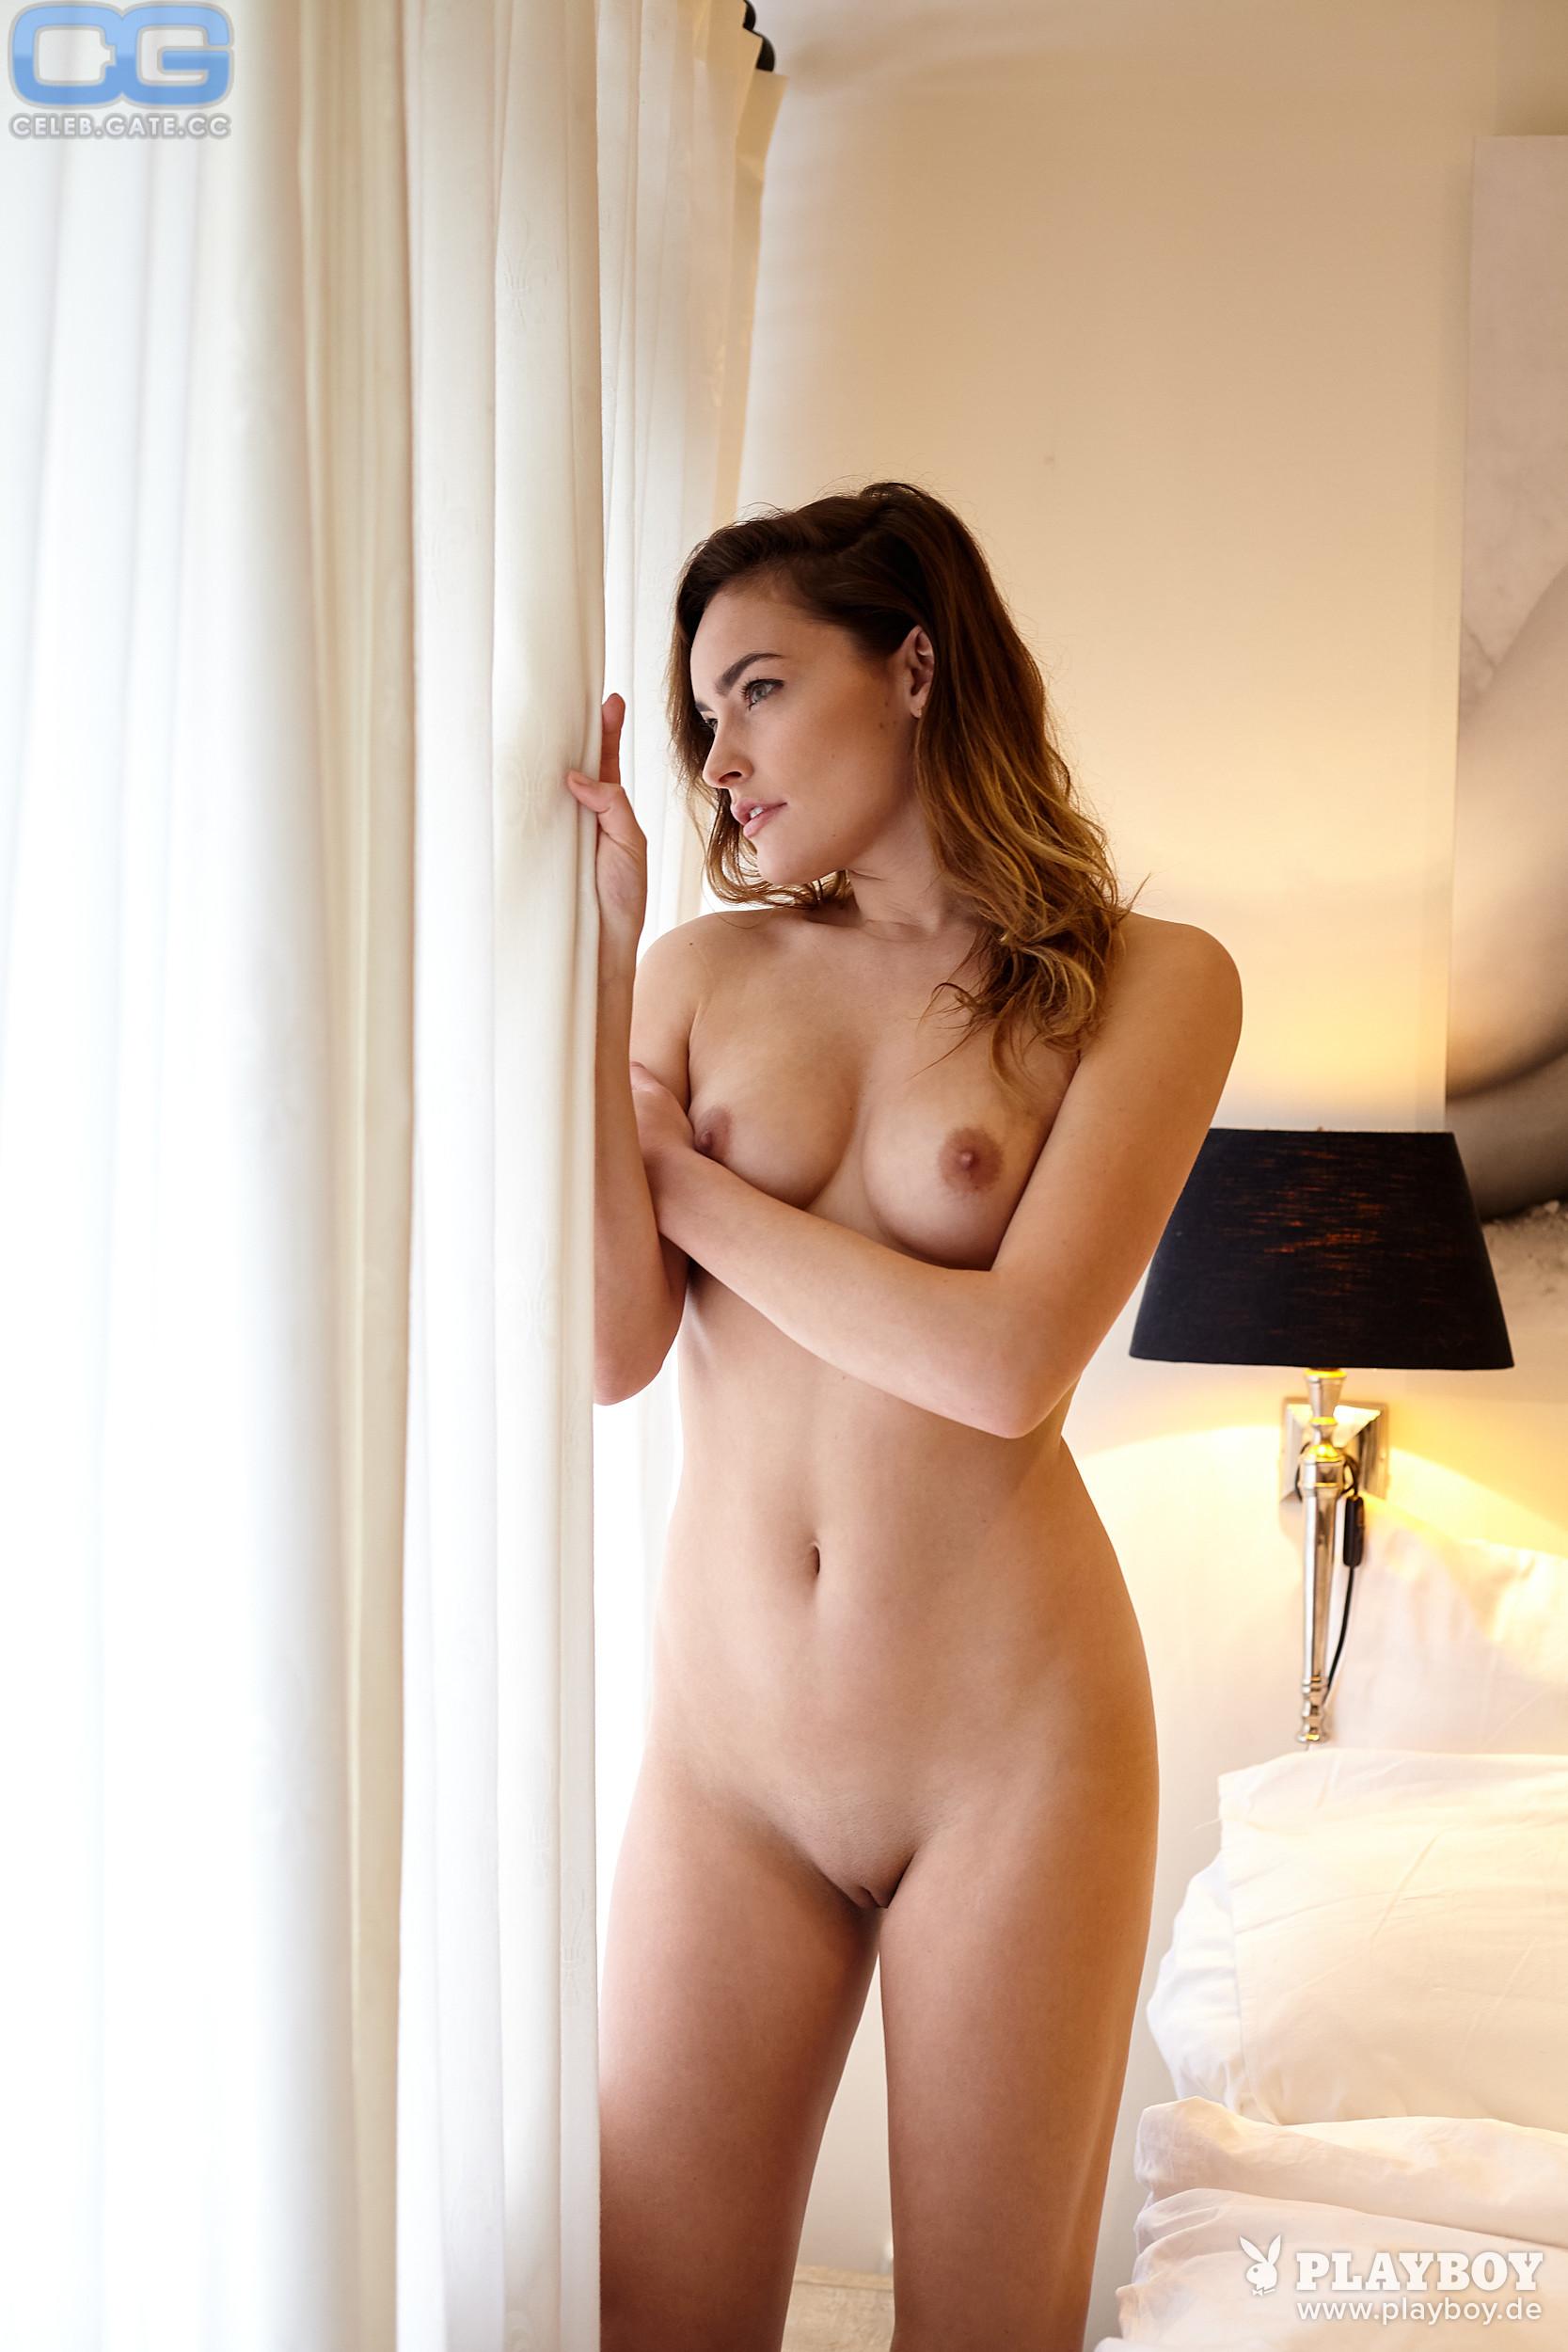 Monreal nackt Yvette  Yvette Monreal